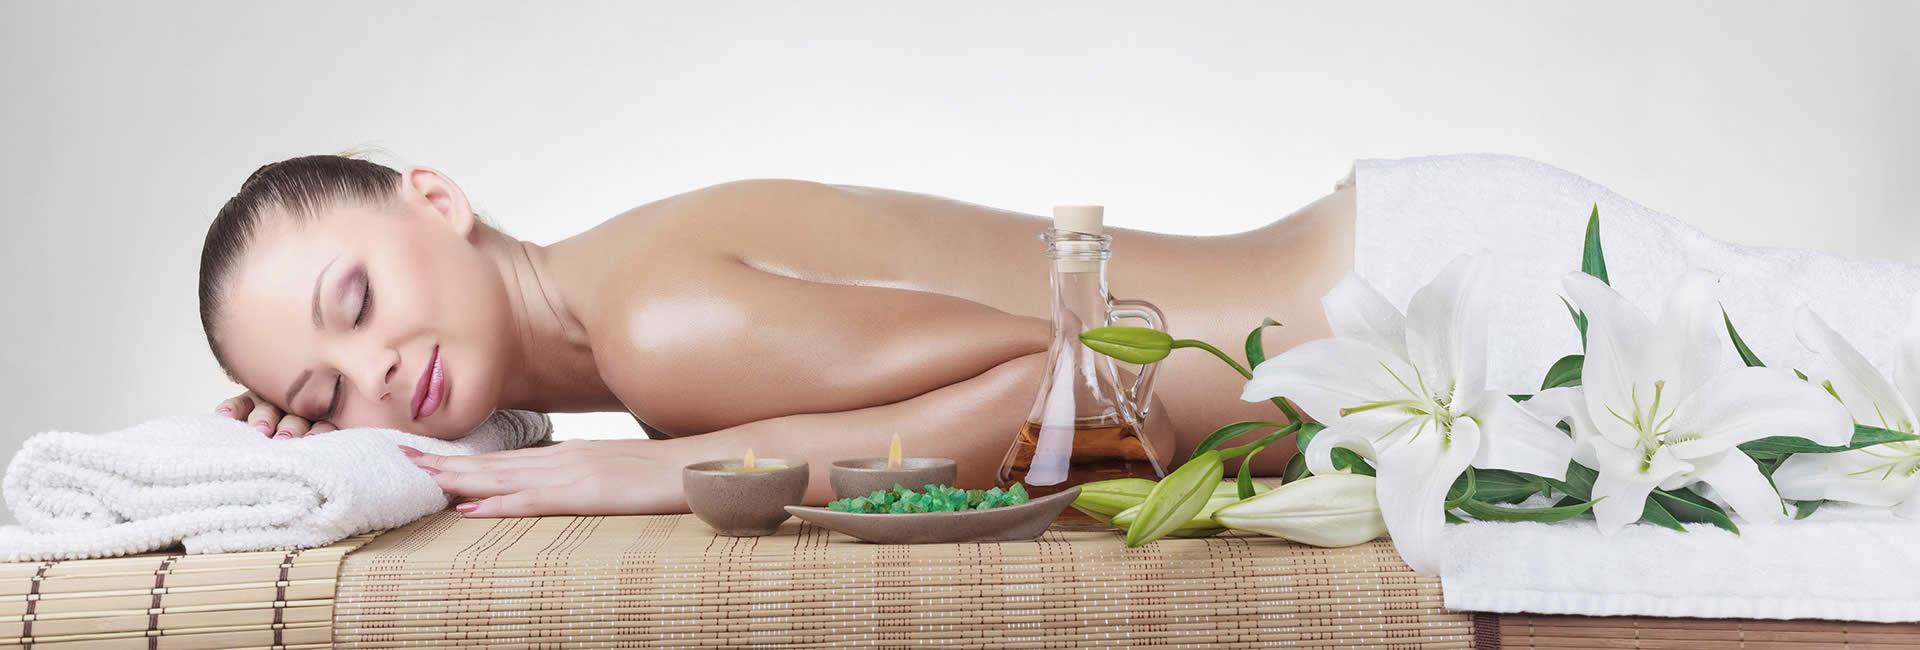 Masaj relaxare - Salon intretinere corporala